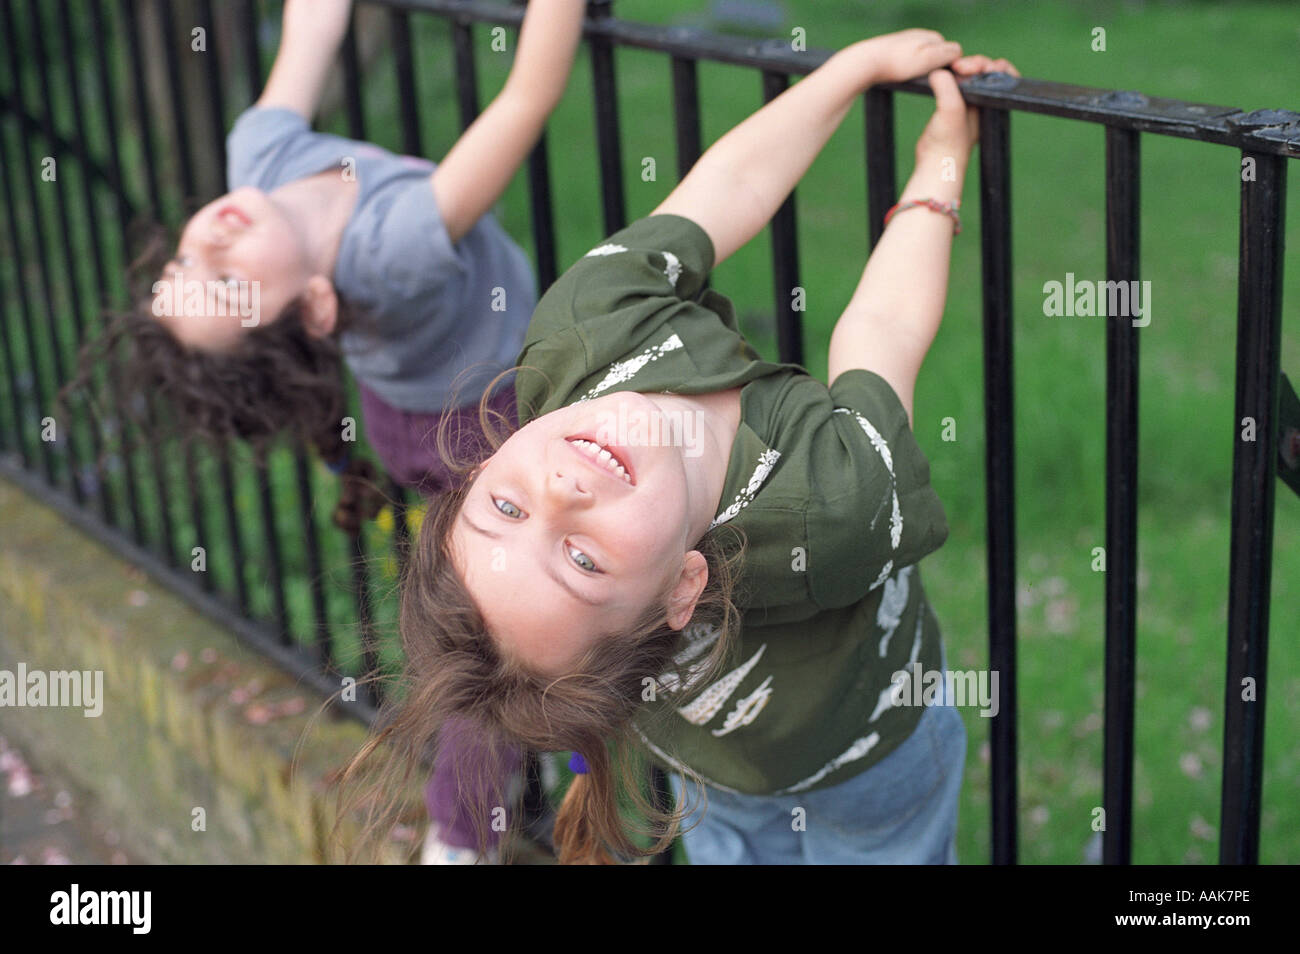 Zwei sechs Jahre alten Mädchen spielen auf Metallgeländer, London, UK.Stockfoto